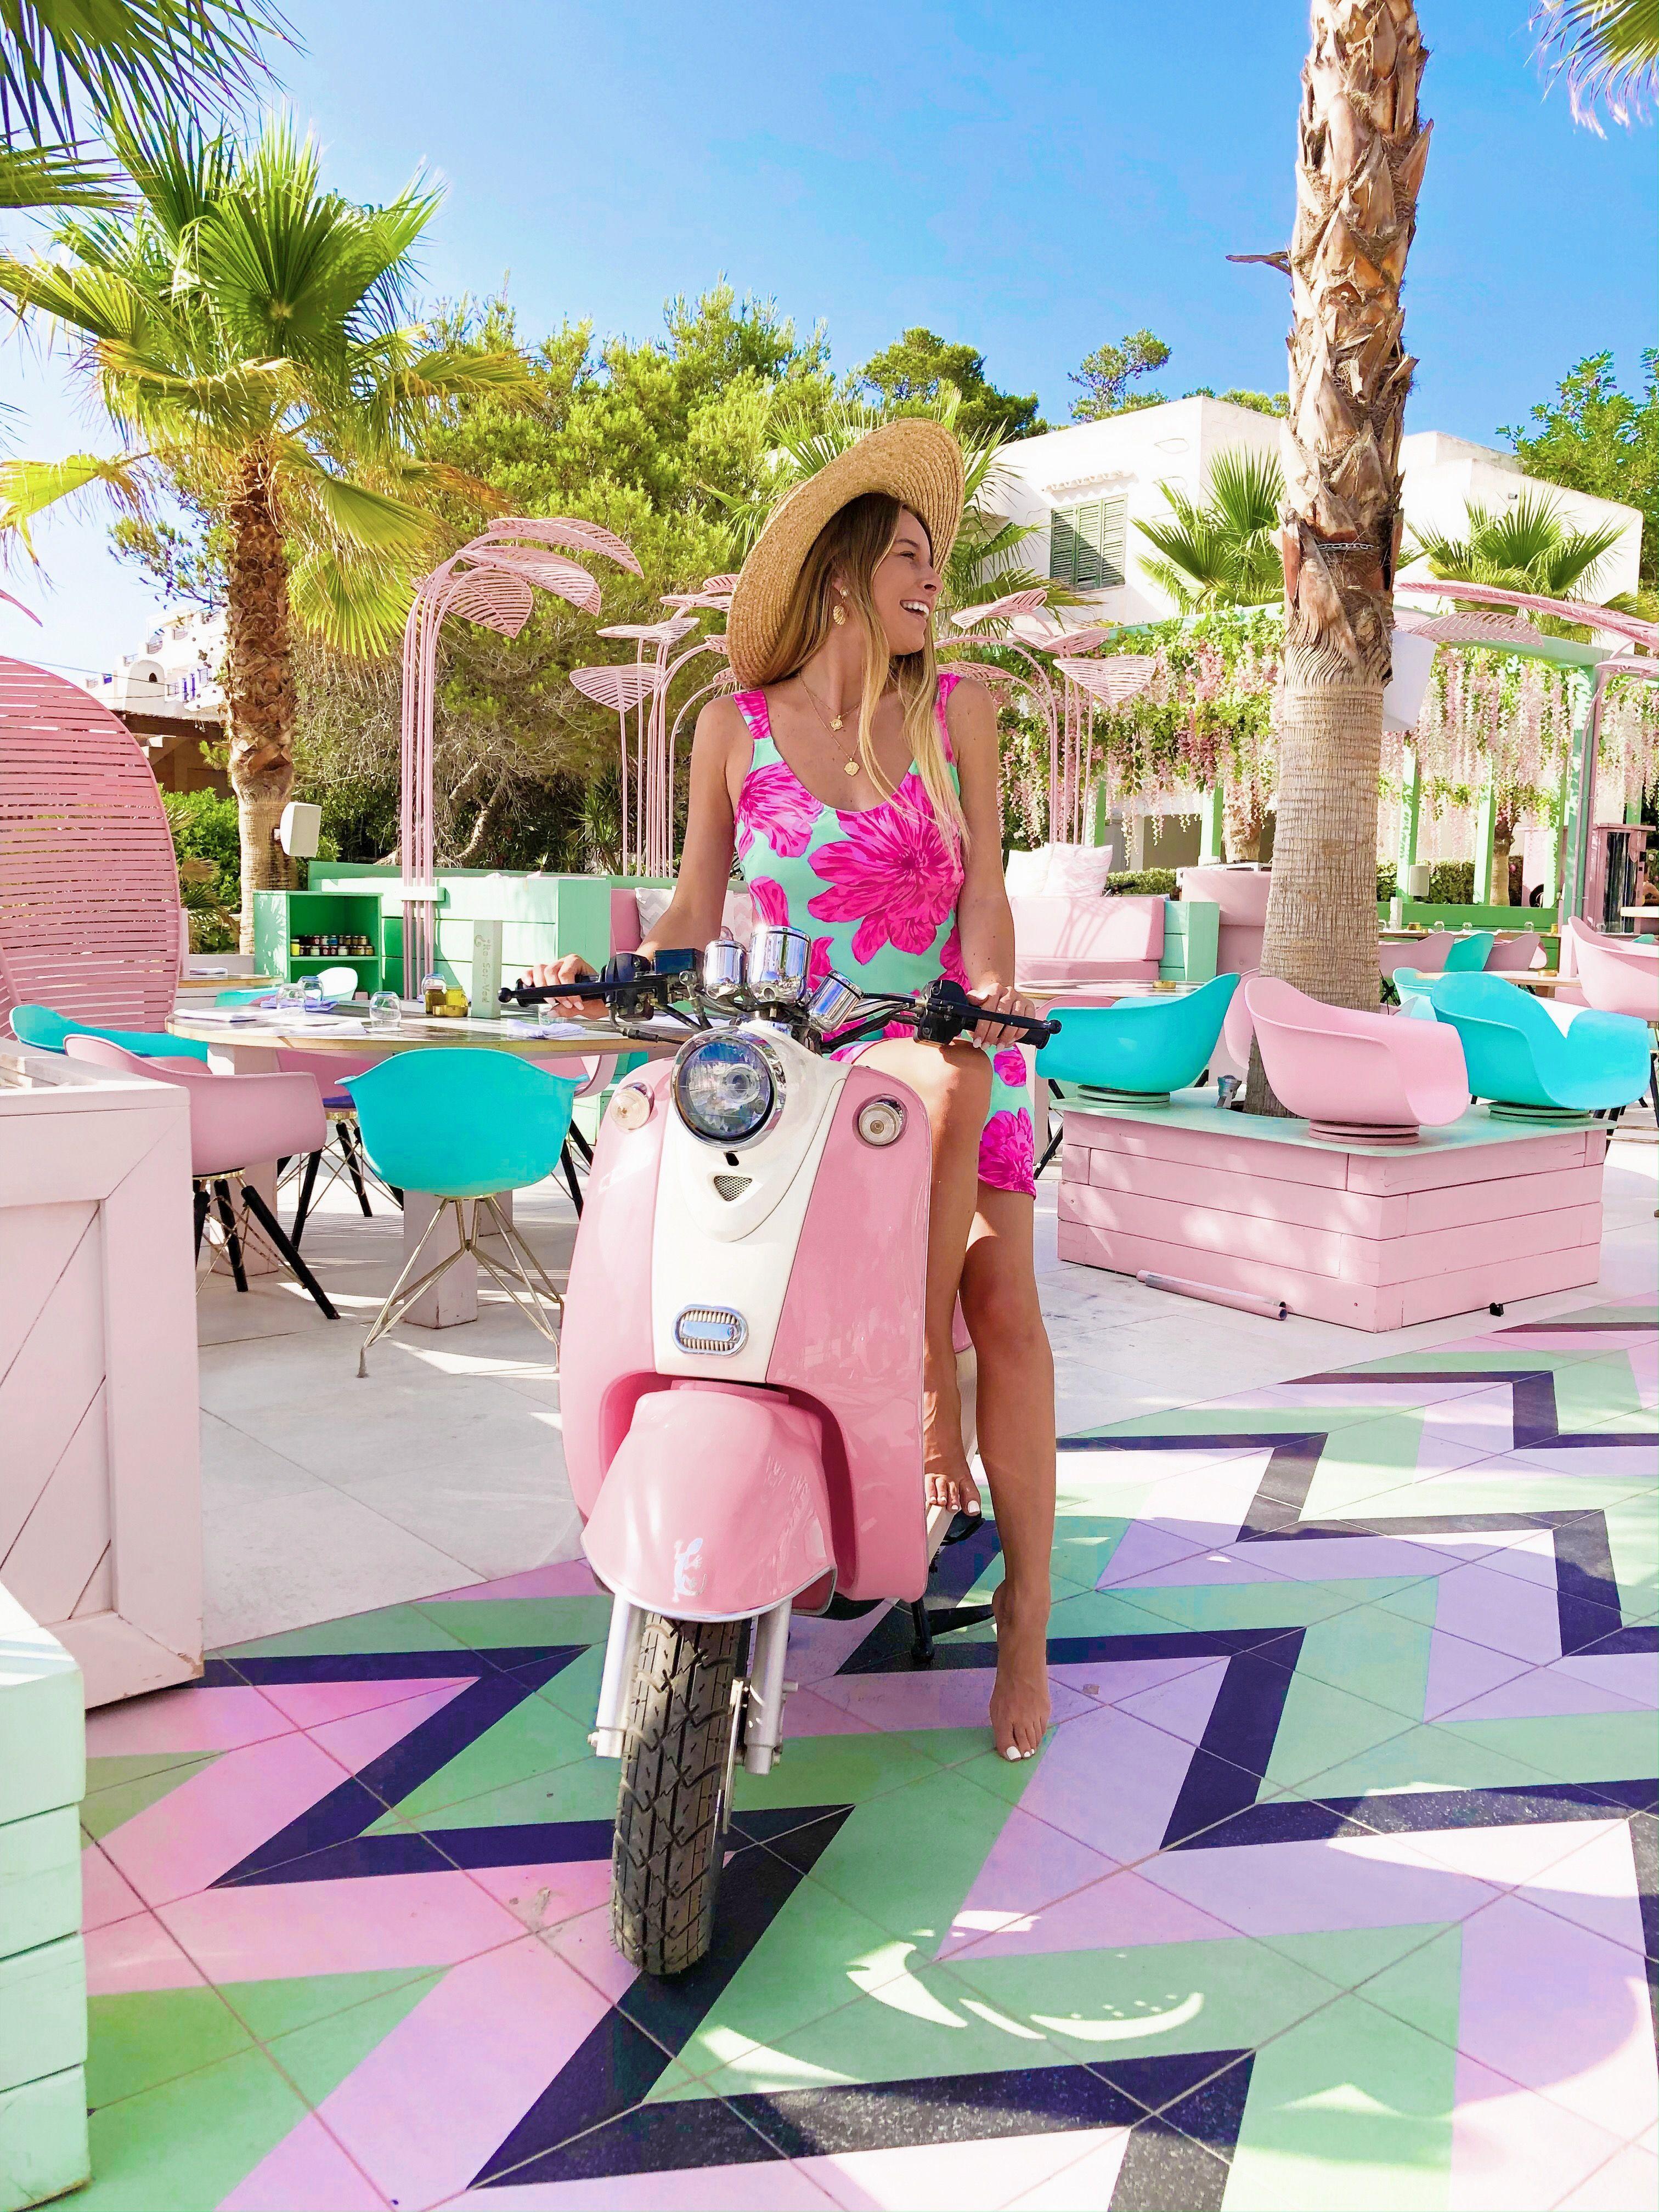 Wi Ki Woo Hotel Ibiza Theblondeflamingo Ibiza Fashion Hotel Ibiza Pink Vespa